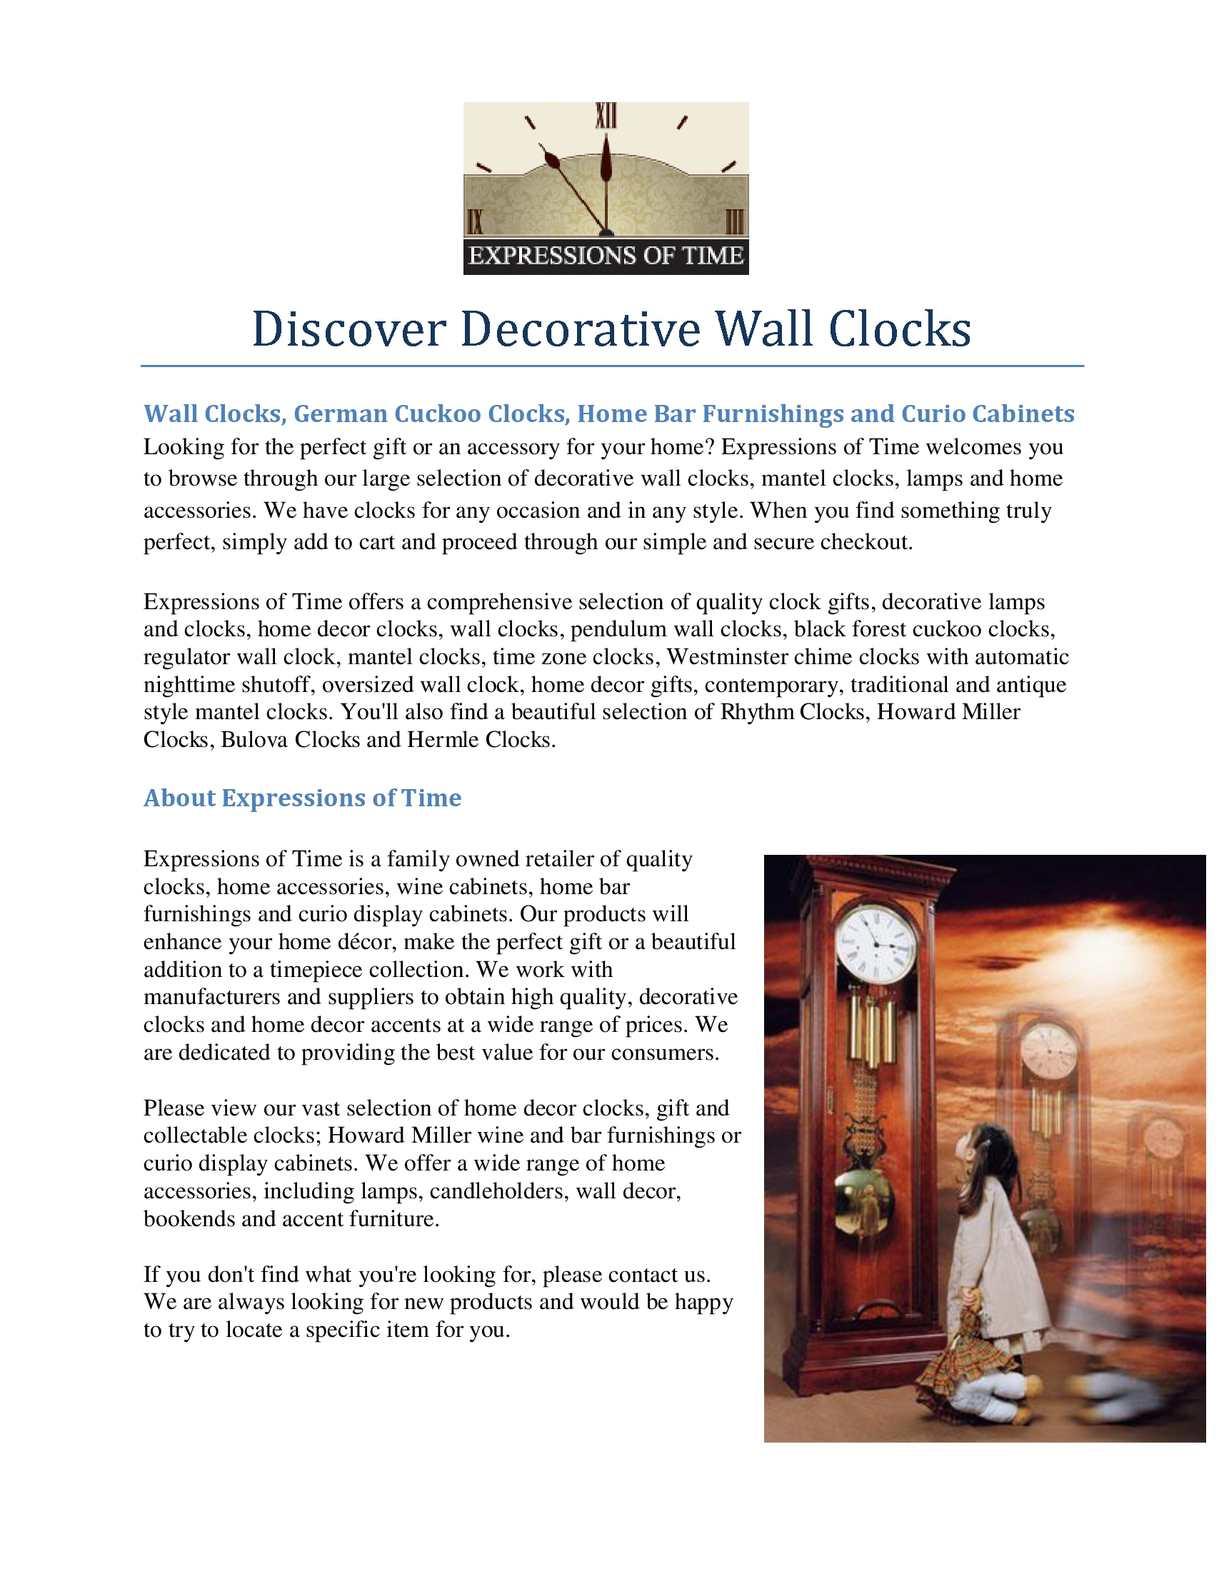 Calameo Discover Decorative Wall Clocks